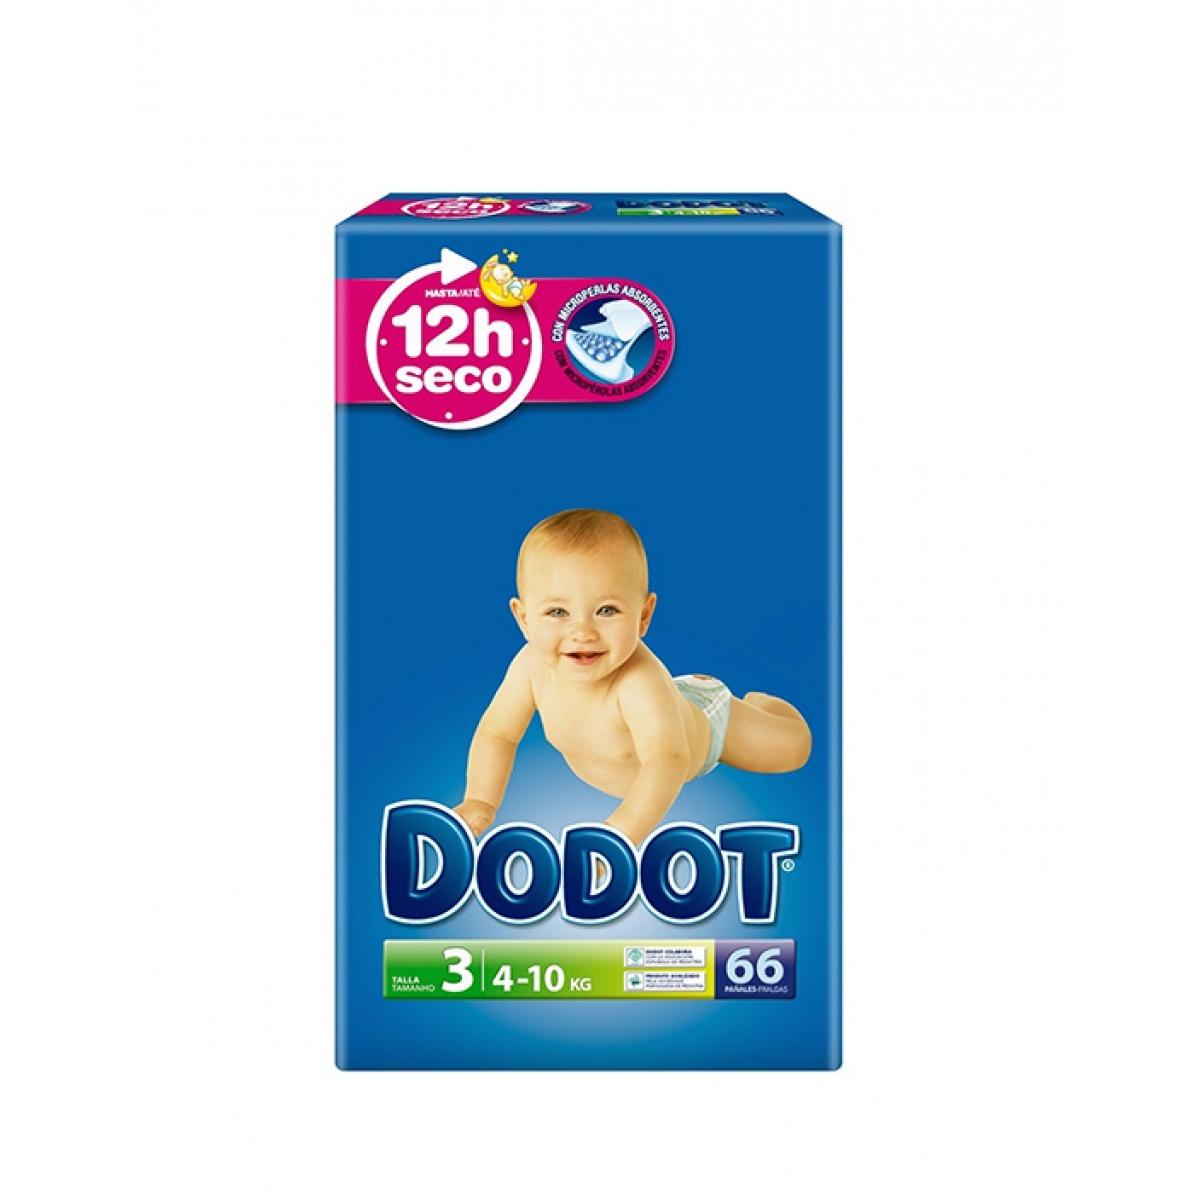 DODOT PAAL ETAPAS T3 4 10 KG 62 UNIT